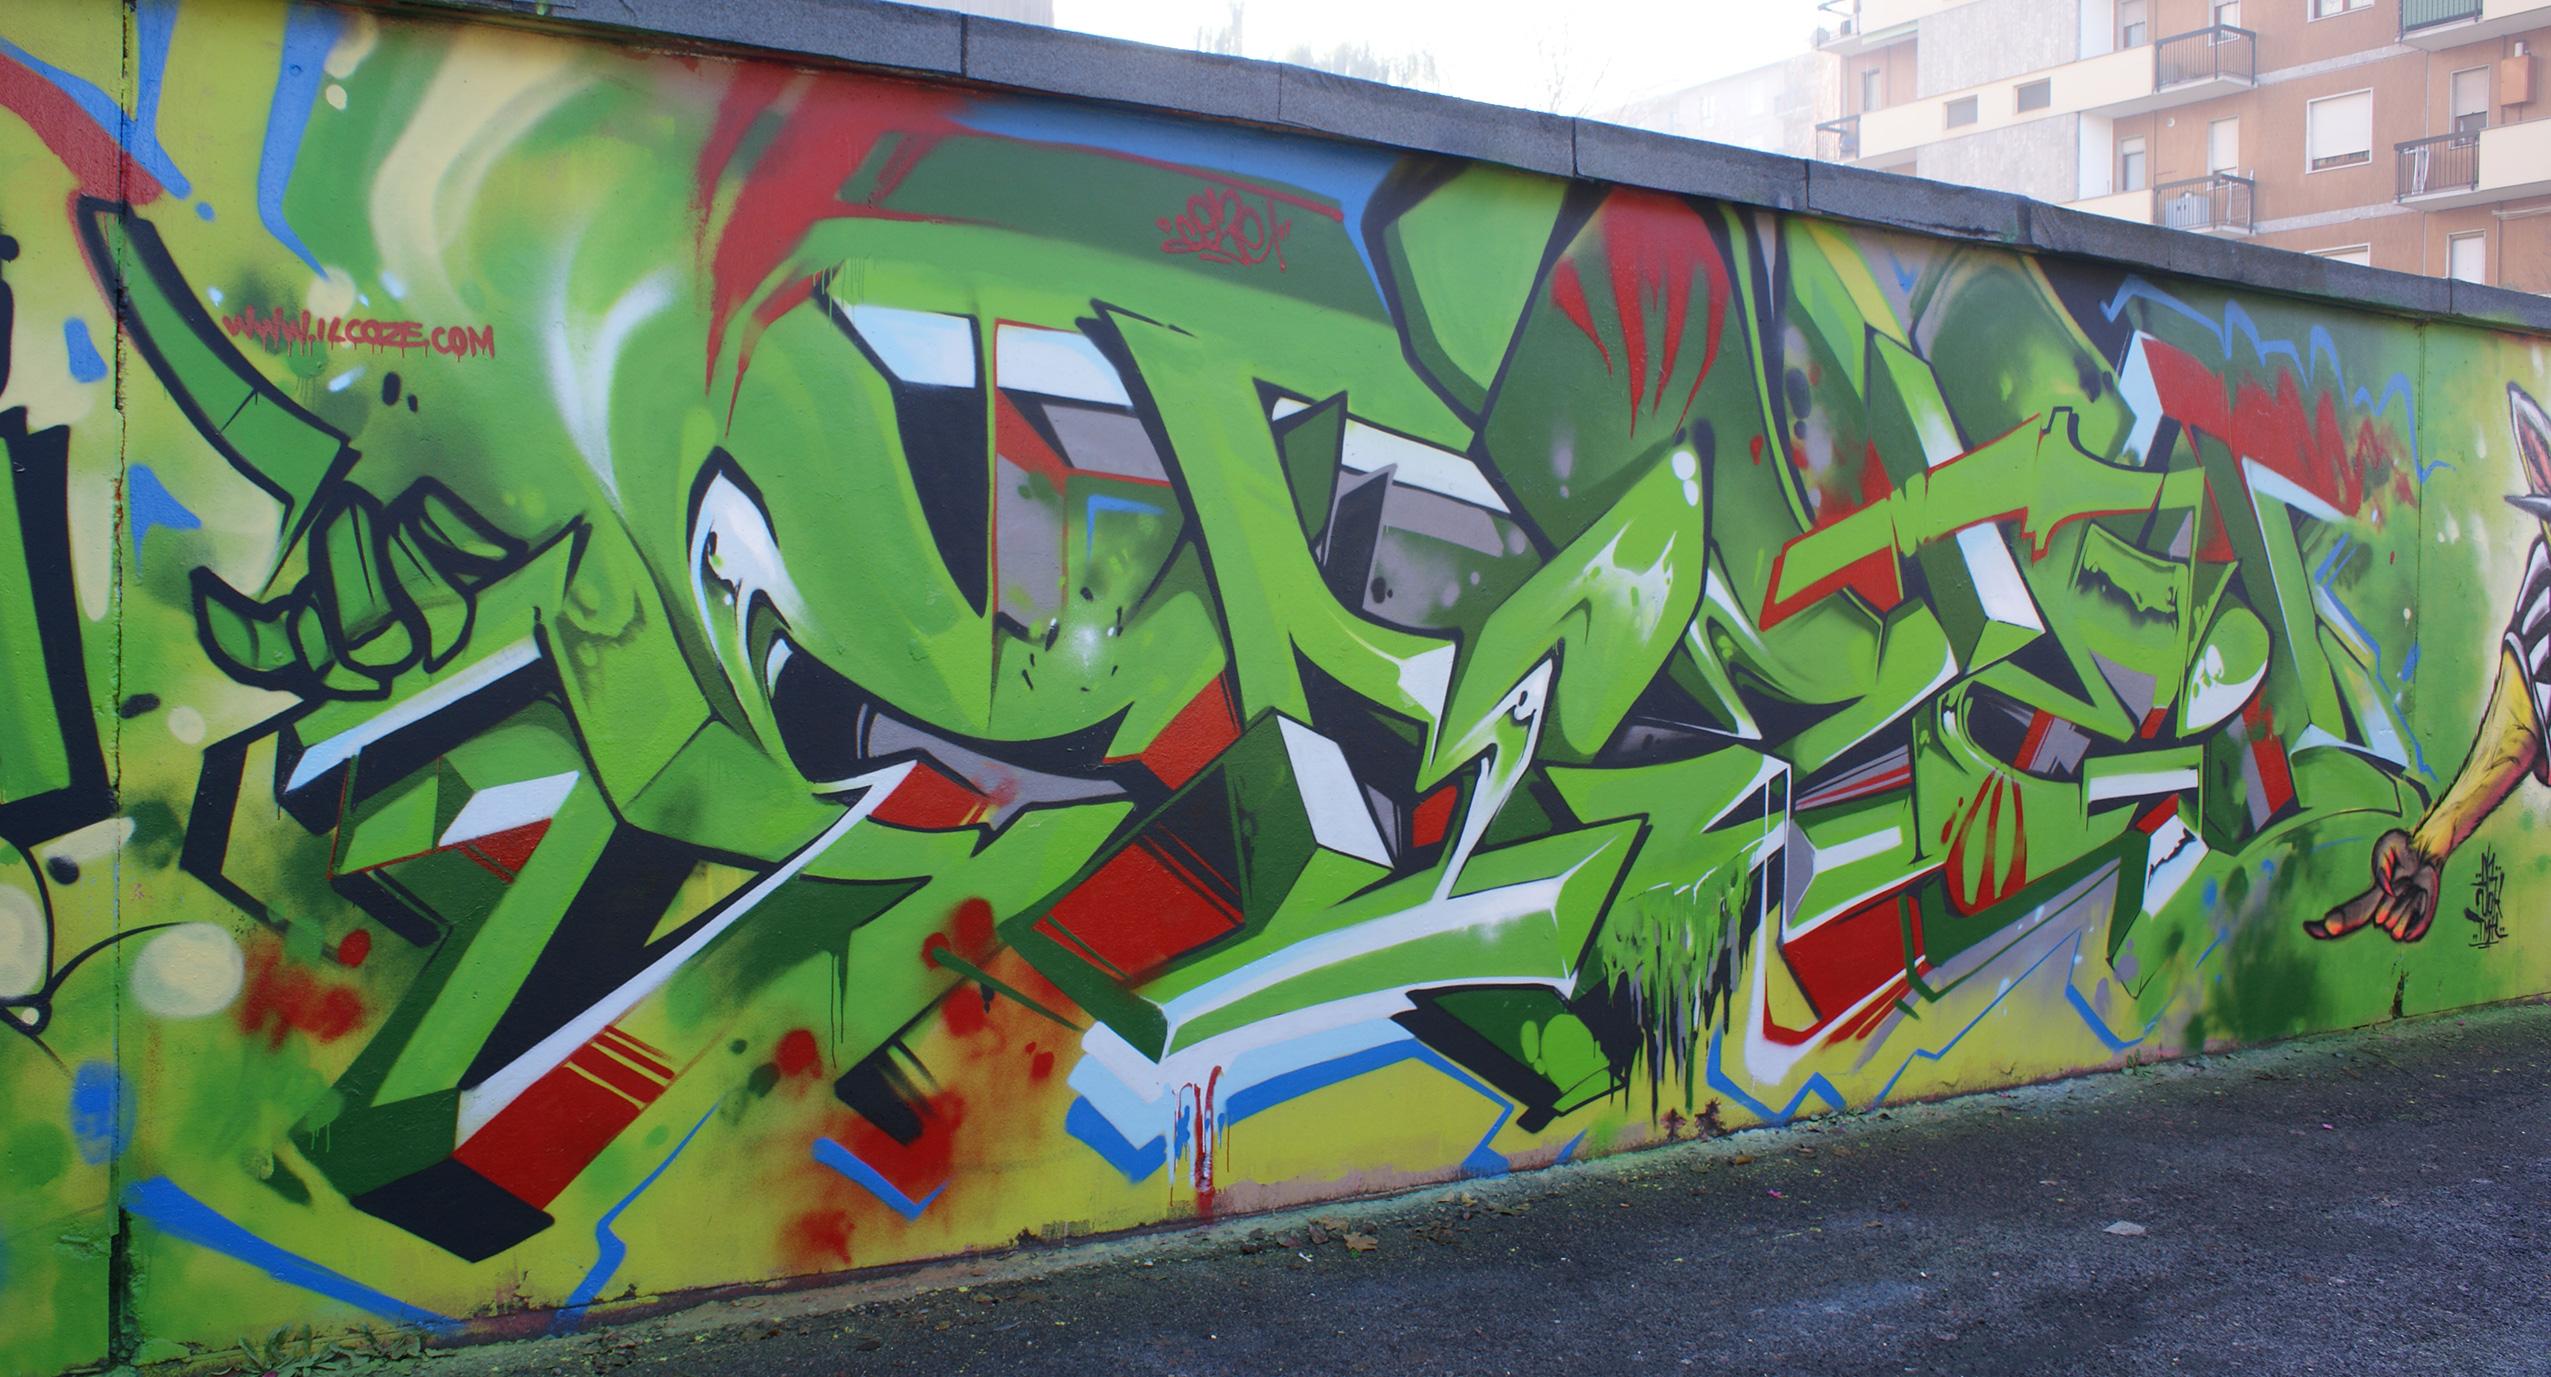 Coze, murata verde, graffiti